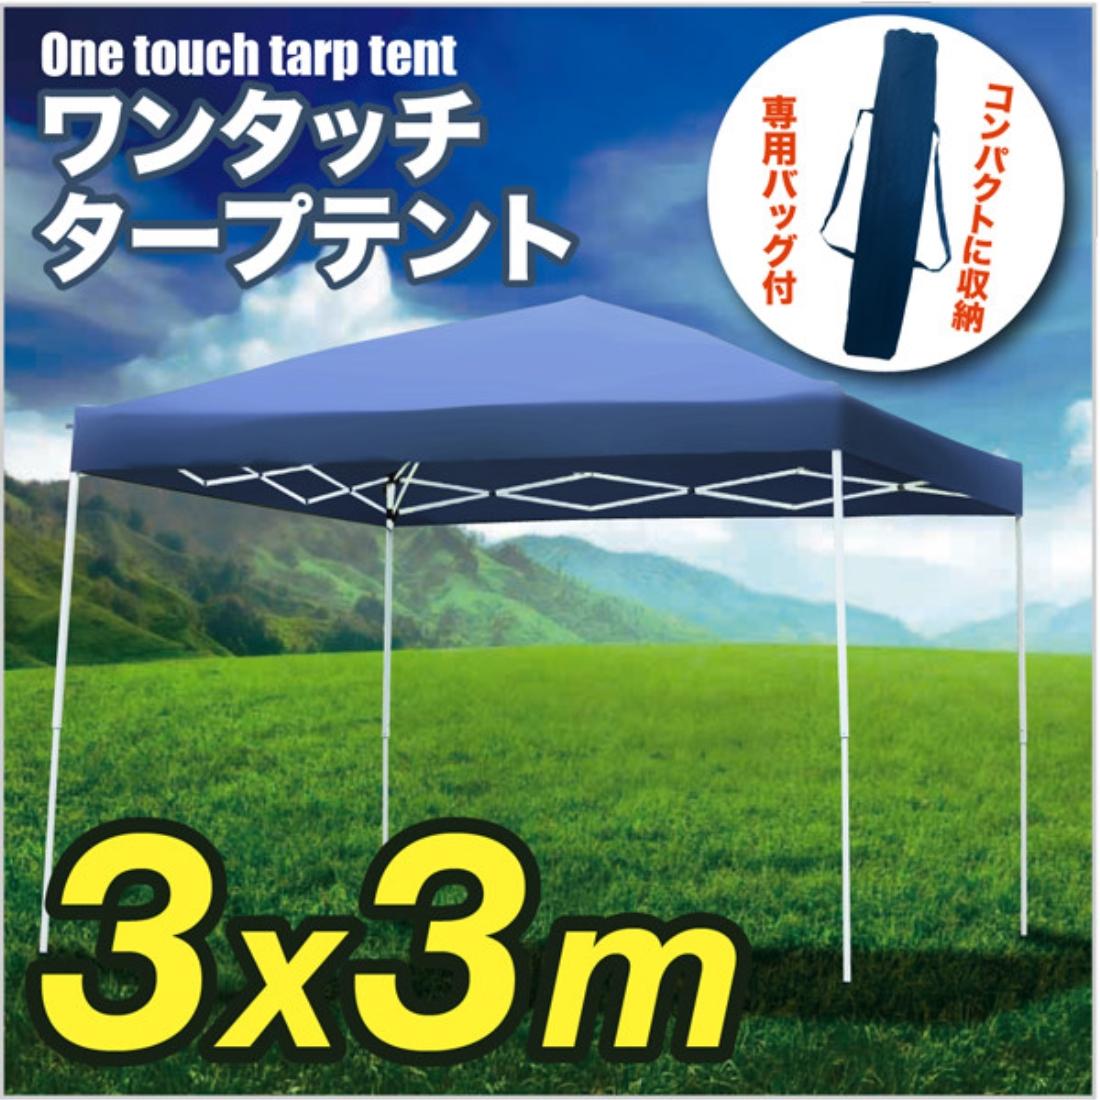 ワンタッチタープテントUV3.0m×3.0m【青】ワンタッチ タープ テント イベント レジャー 軽量 コンパクト